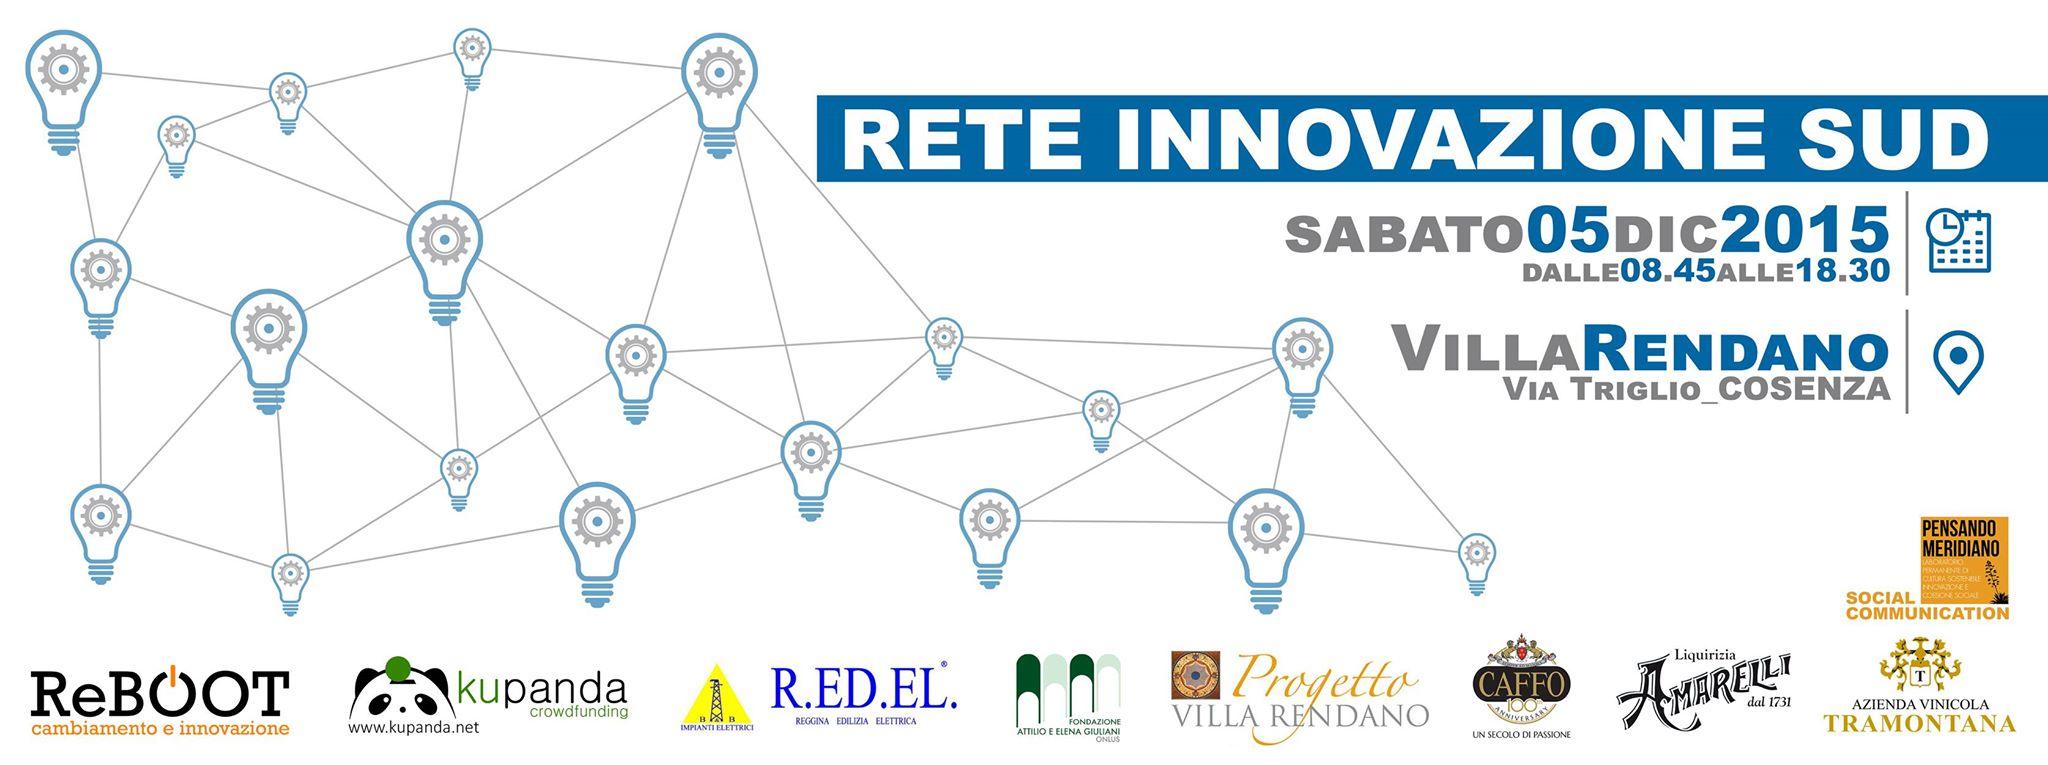 Rete Innovazione Sud: l'evento per le associazioni innovative del Mezzogiorno